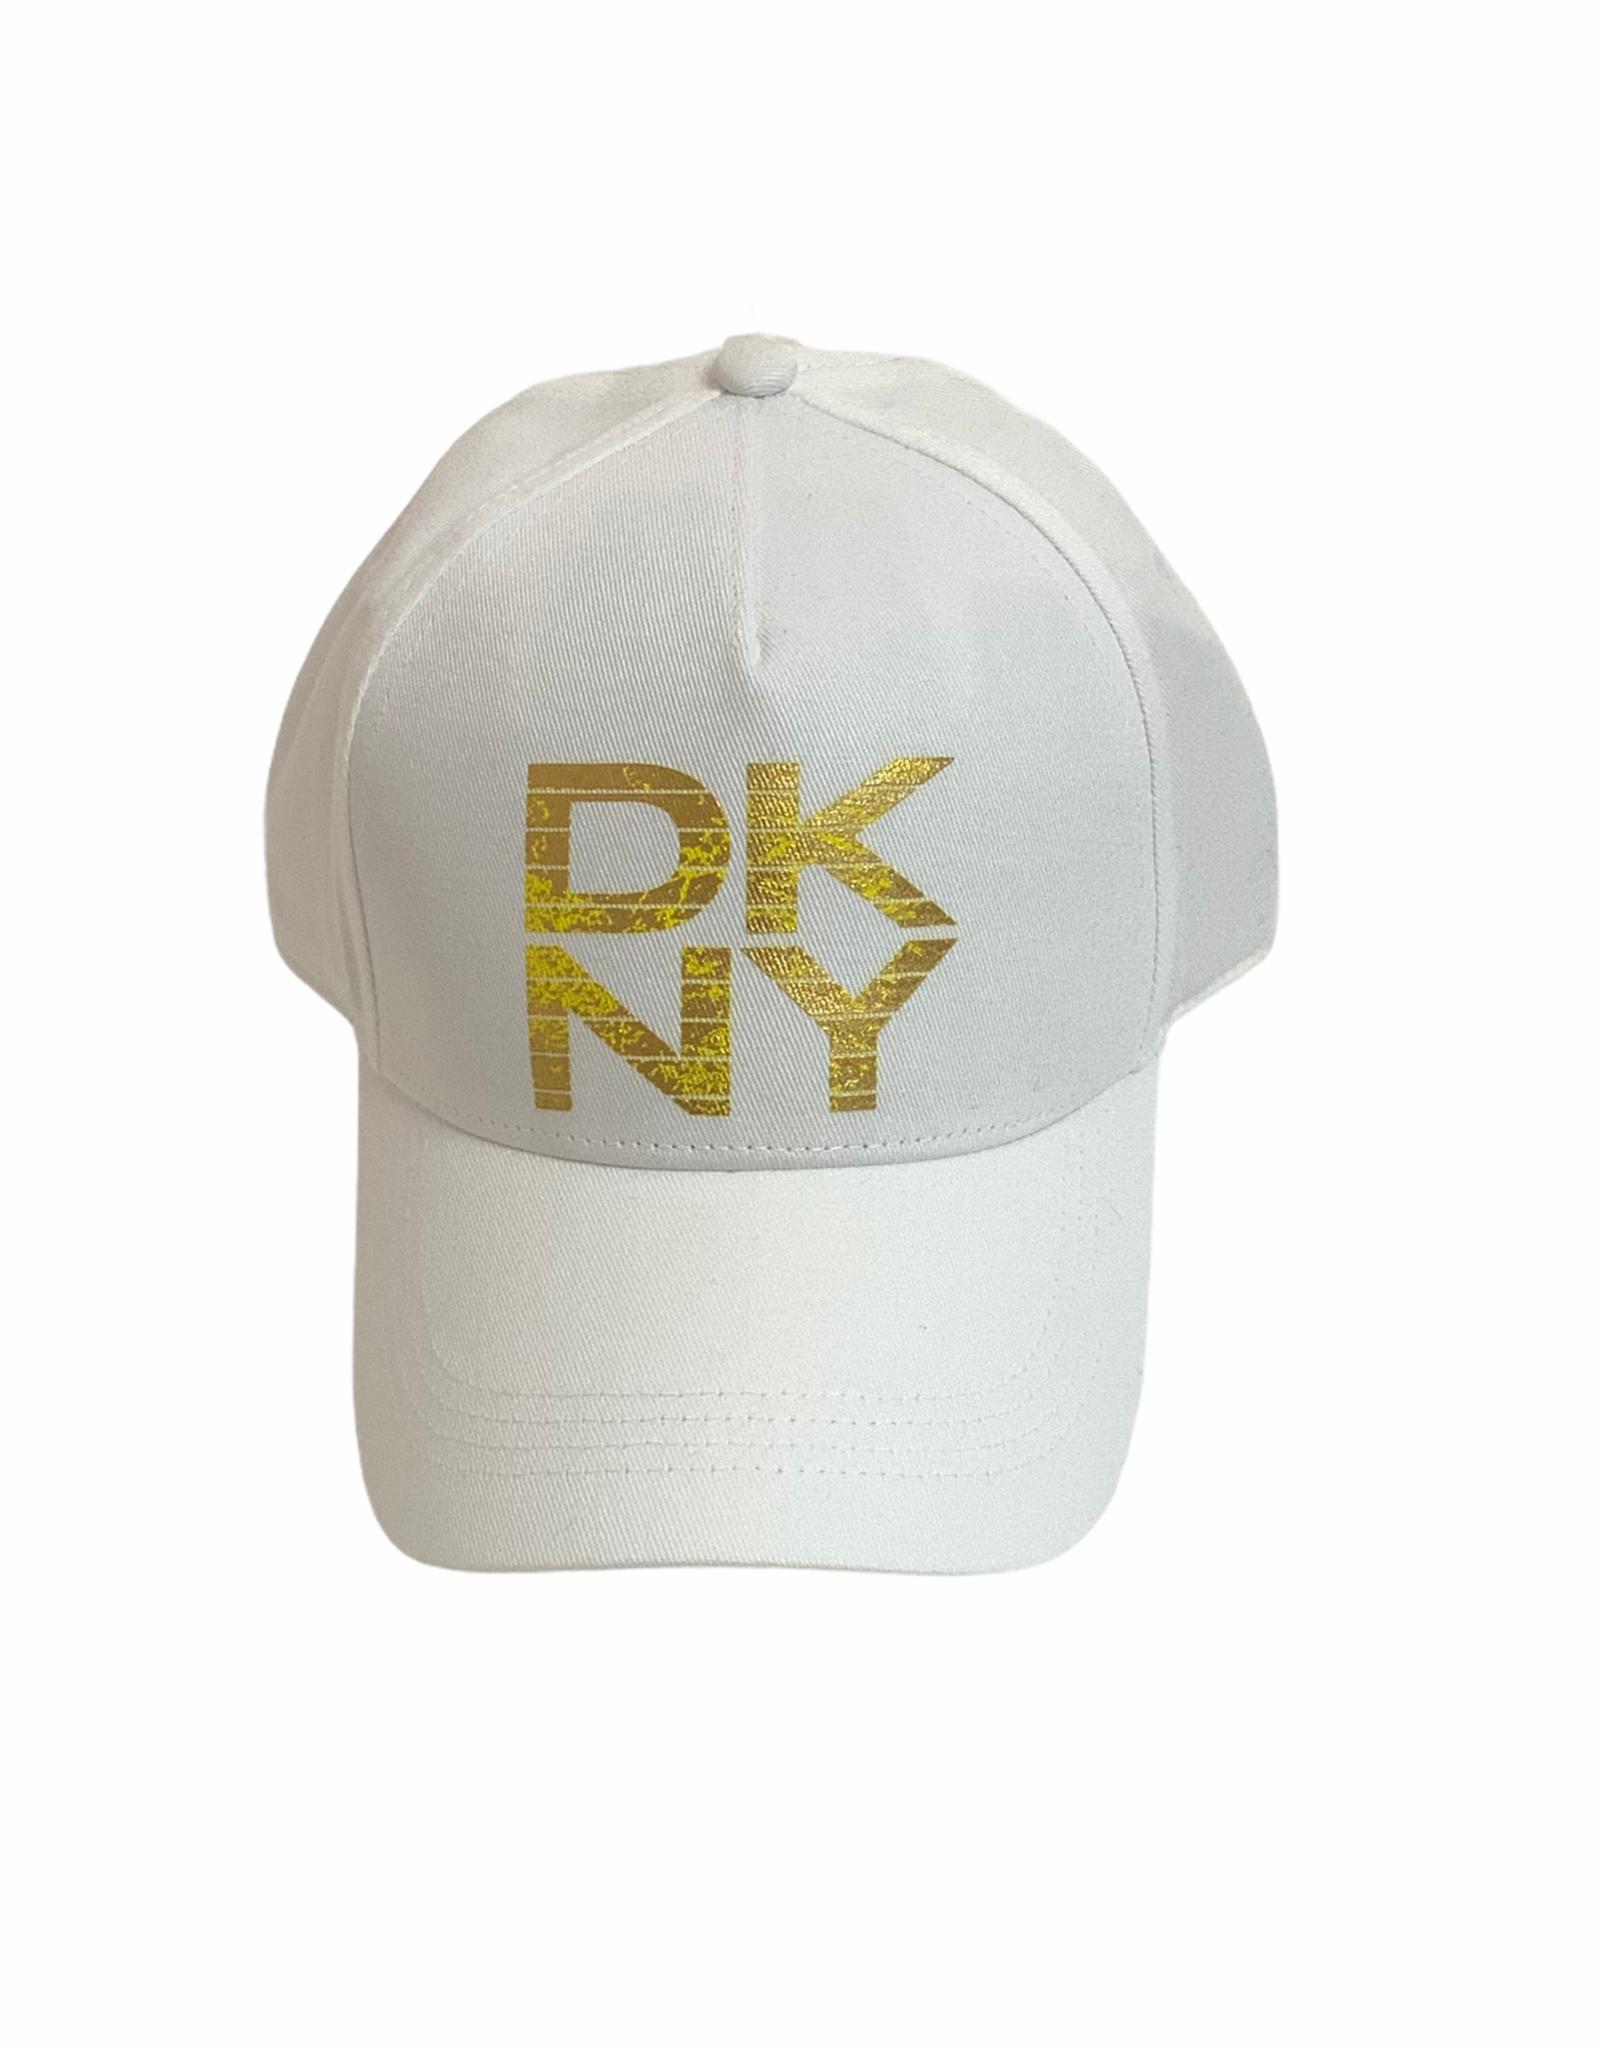 DKNY DKNY Cap Foil Gold Print